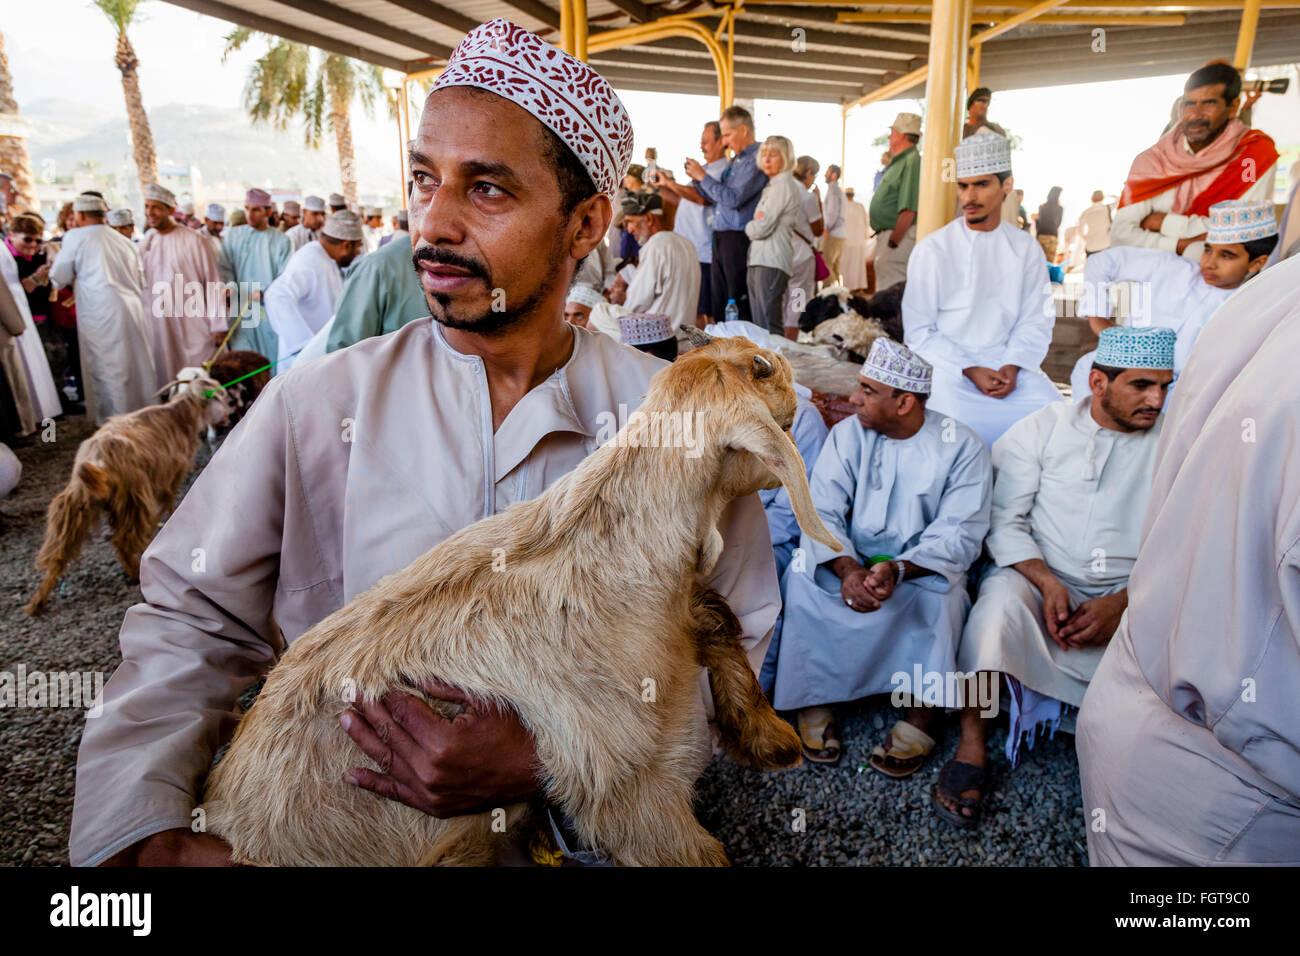 El viernes el mercado de ganado, Ad Dakhiliyah Nizwa, Región, Omán Imagen De Stock